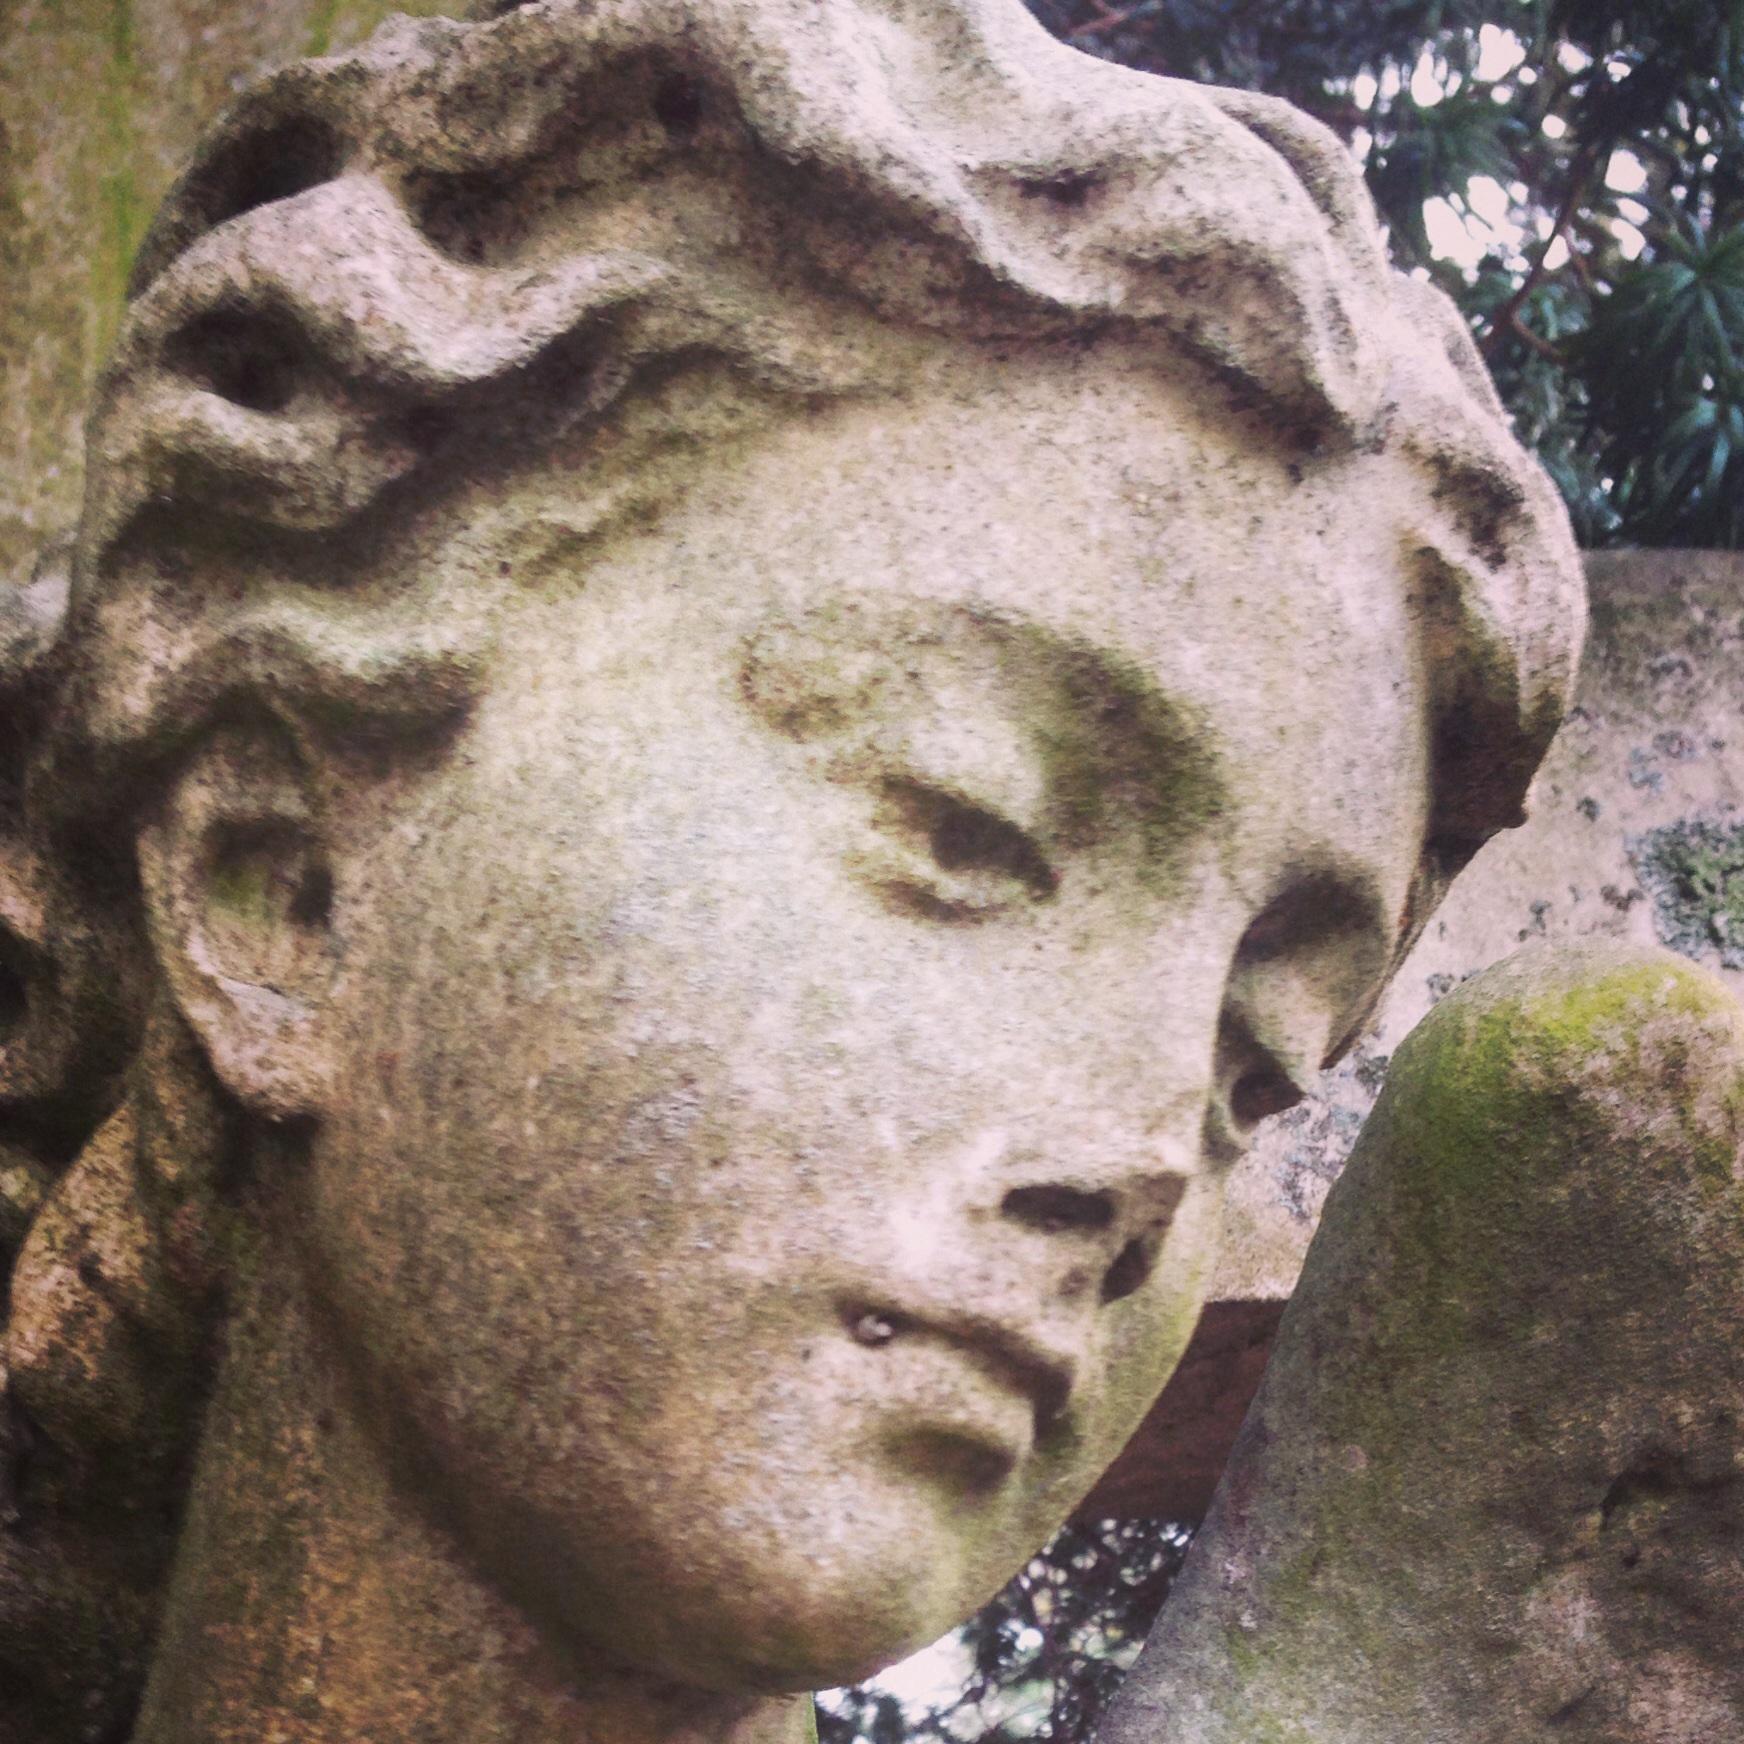 Miljöer som inspirerar mig kan också vara en vacker ängel, med vacker mossa och murgröna växande över sig, på en gammal kyrkogård